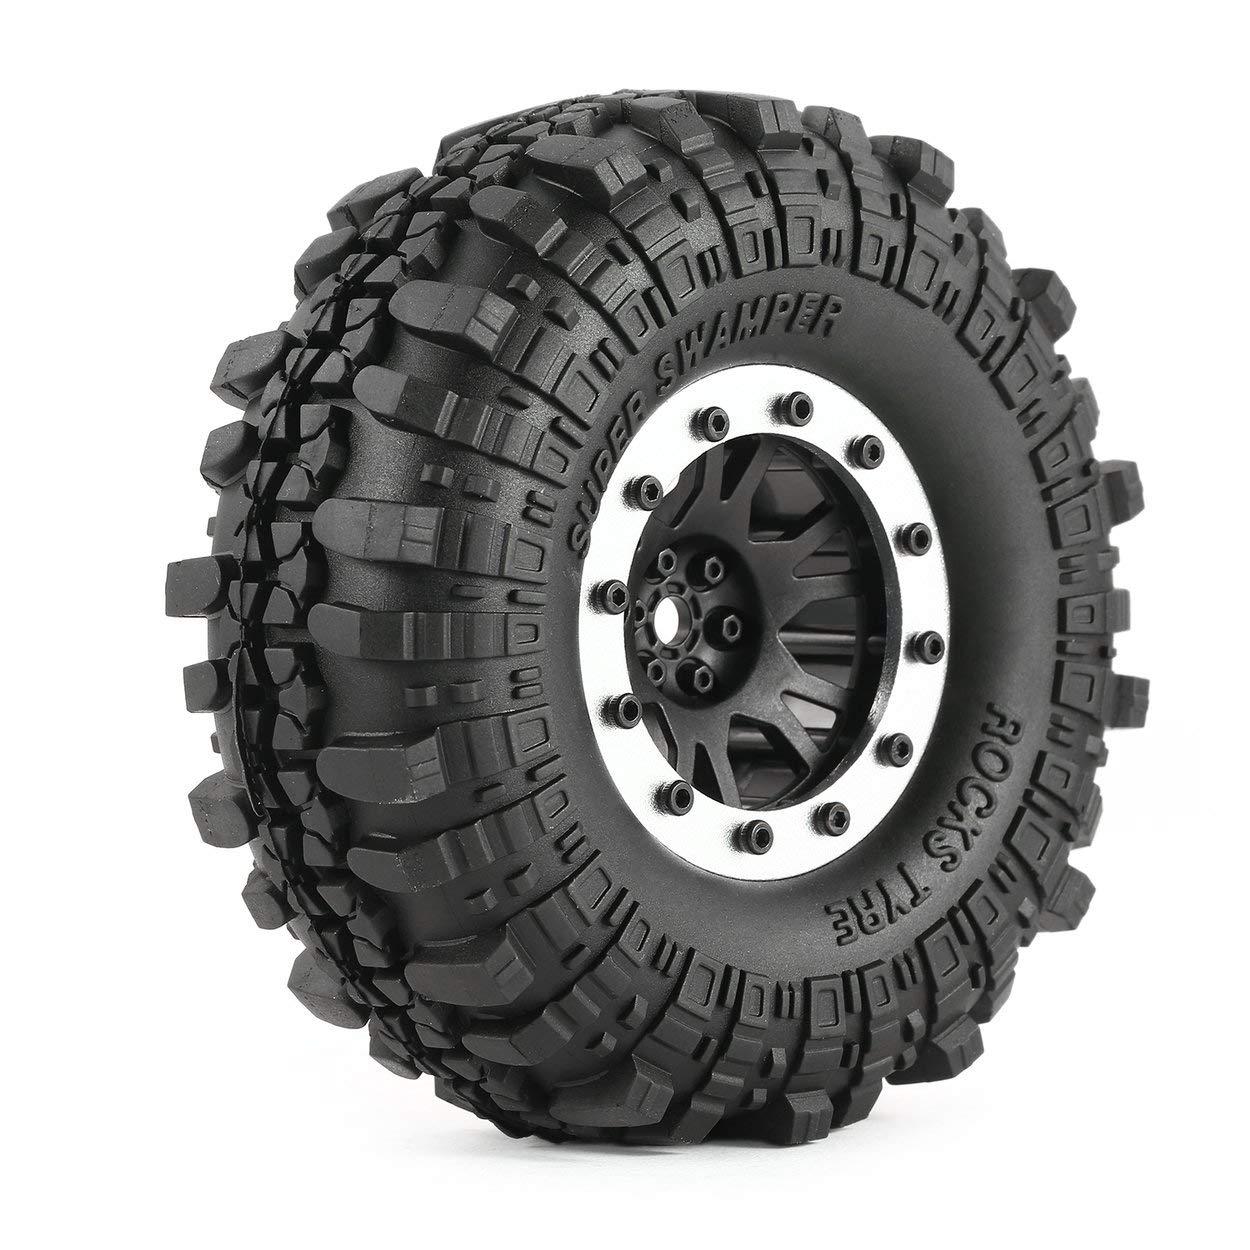 ClookYiit 4 pz AX 4020-1 110mm 1.9 in Gomma con Cerchi in Lega Beadlock per AXIAL SCX10 90046 RC4WD D90 1//10 RC Rock Crawler Car